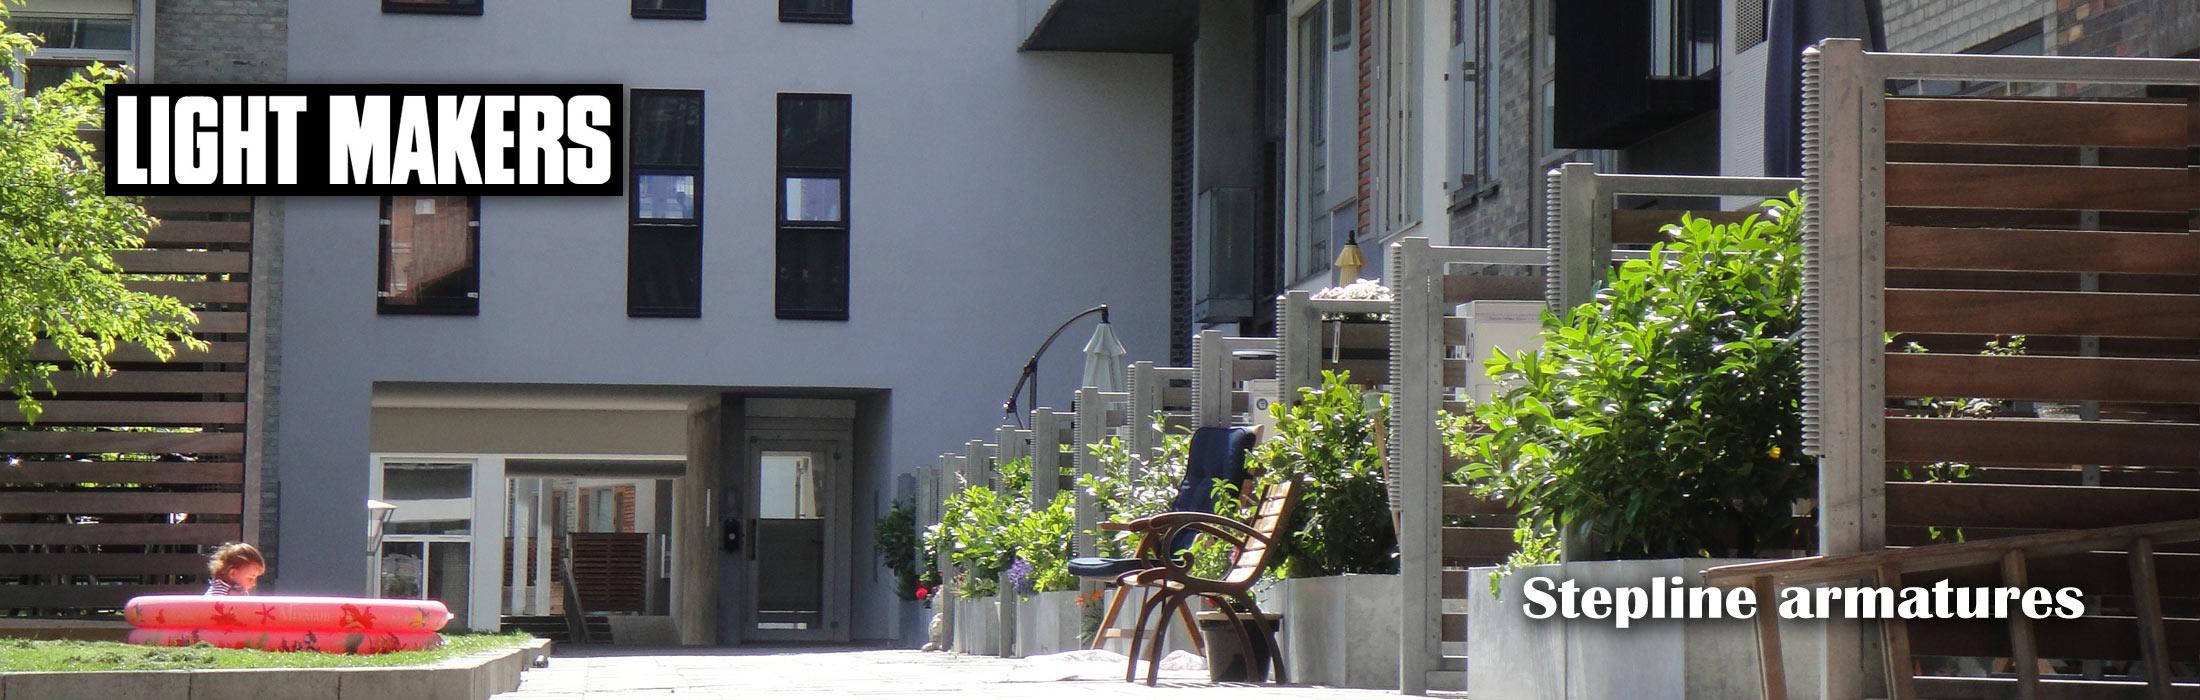 Design af Lysarmaturer til Sluseholmen af Kent Laursen i samarbejde med Lightmakers som var et firma under Louis Poulsen